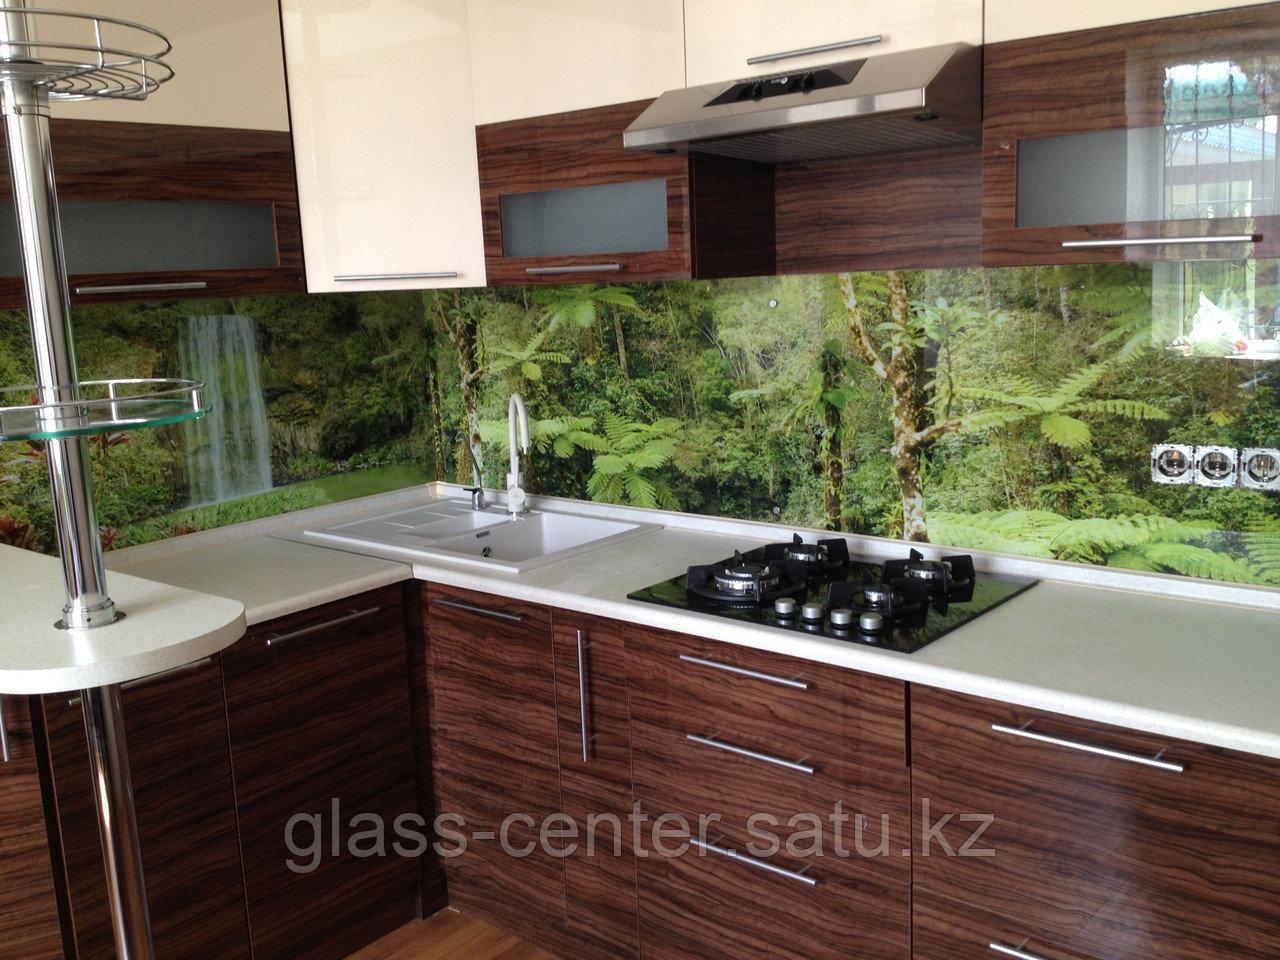 Фартук для кухни с изображением из высокопрочного стекла. Скинали - фото 2